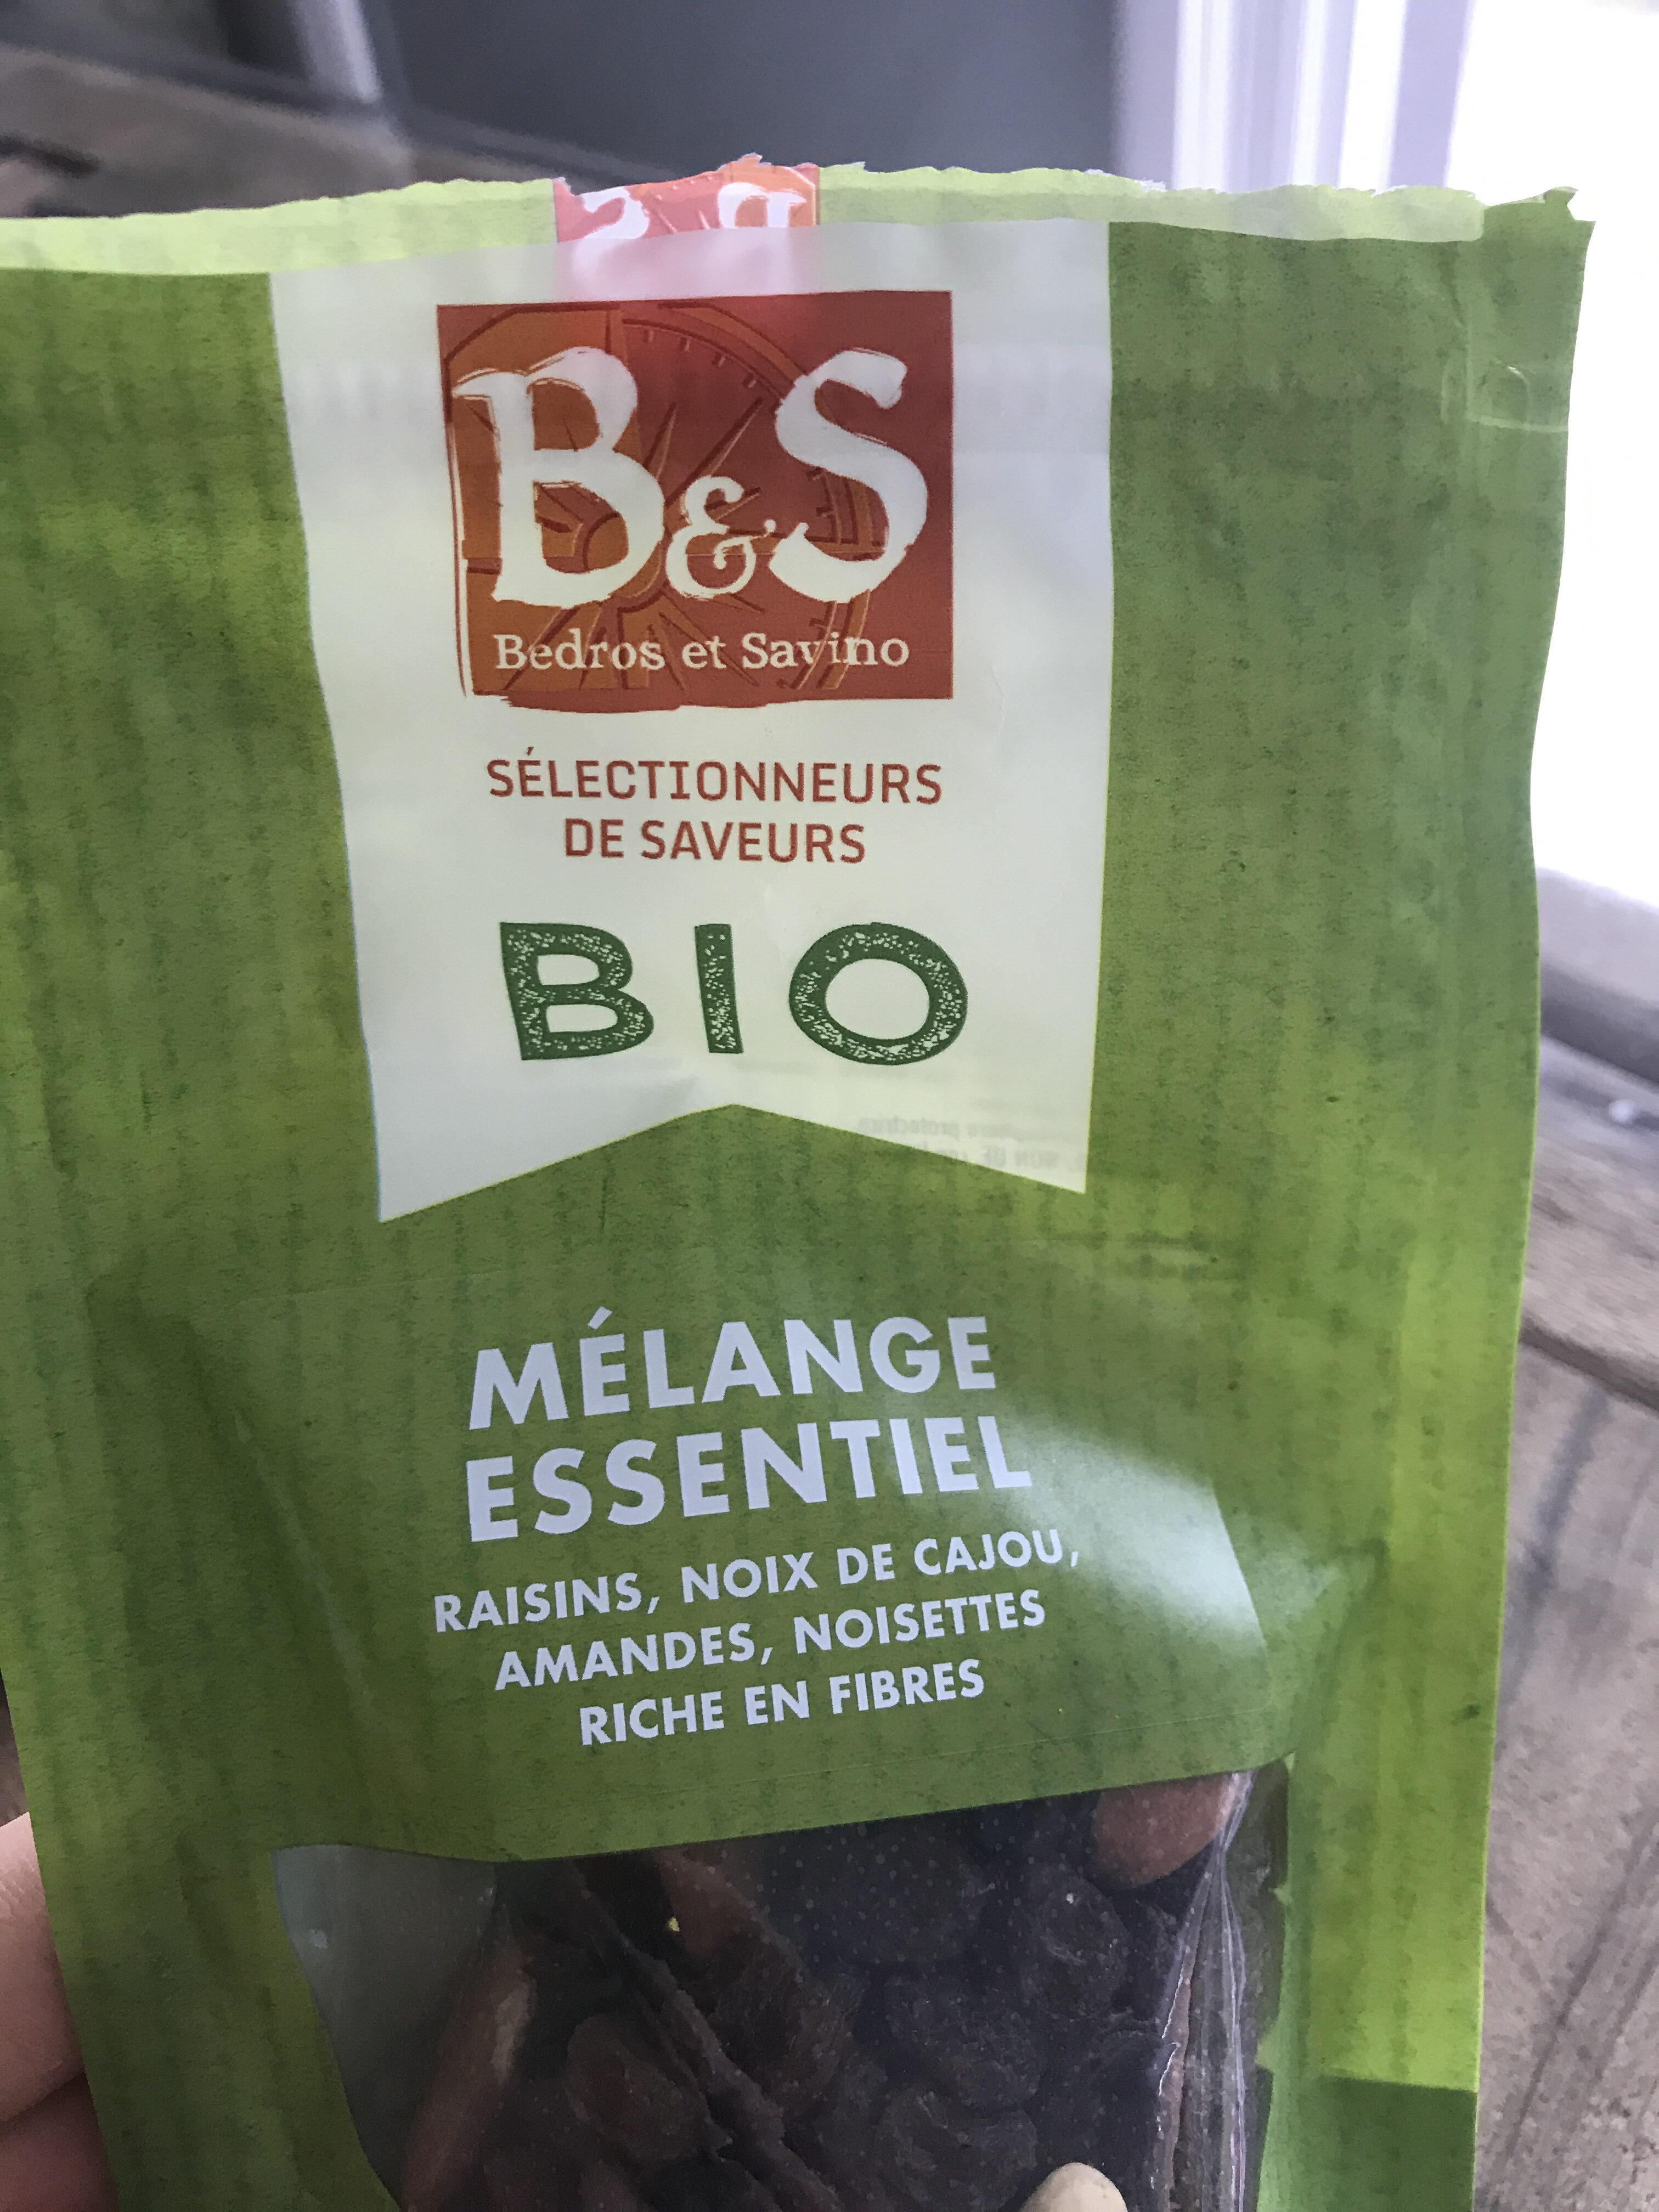 Mélange essentiel - Product